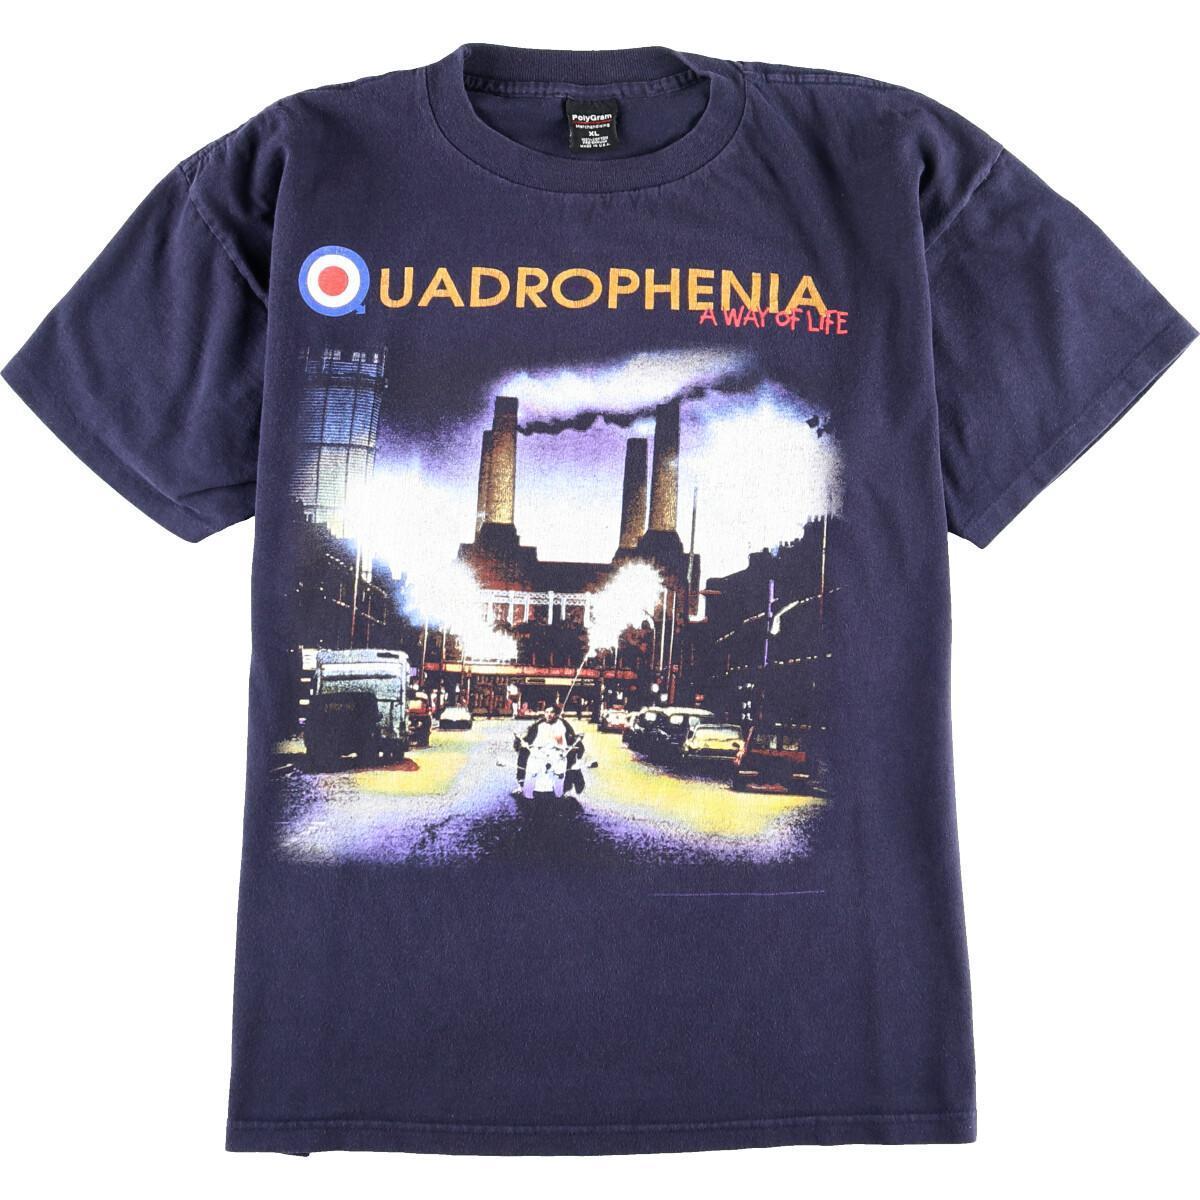 90年代 PolyGram THE WHO ザ フー NORTH AMERICAN TOUR 1996 バンドTシャツ USA製 メンズXL ヴィンテージ /eaa012861 【中古】 【200306】【VTG】【VTG】